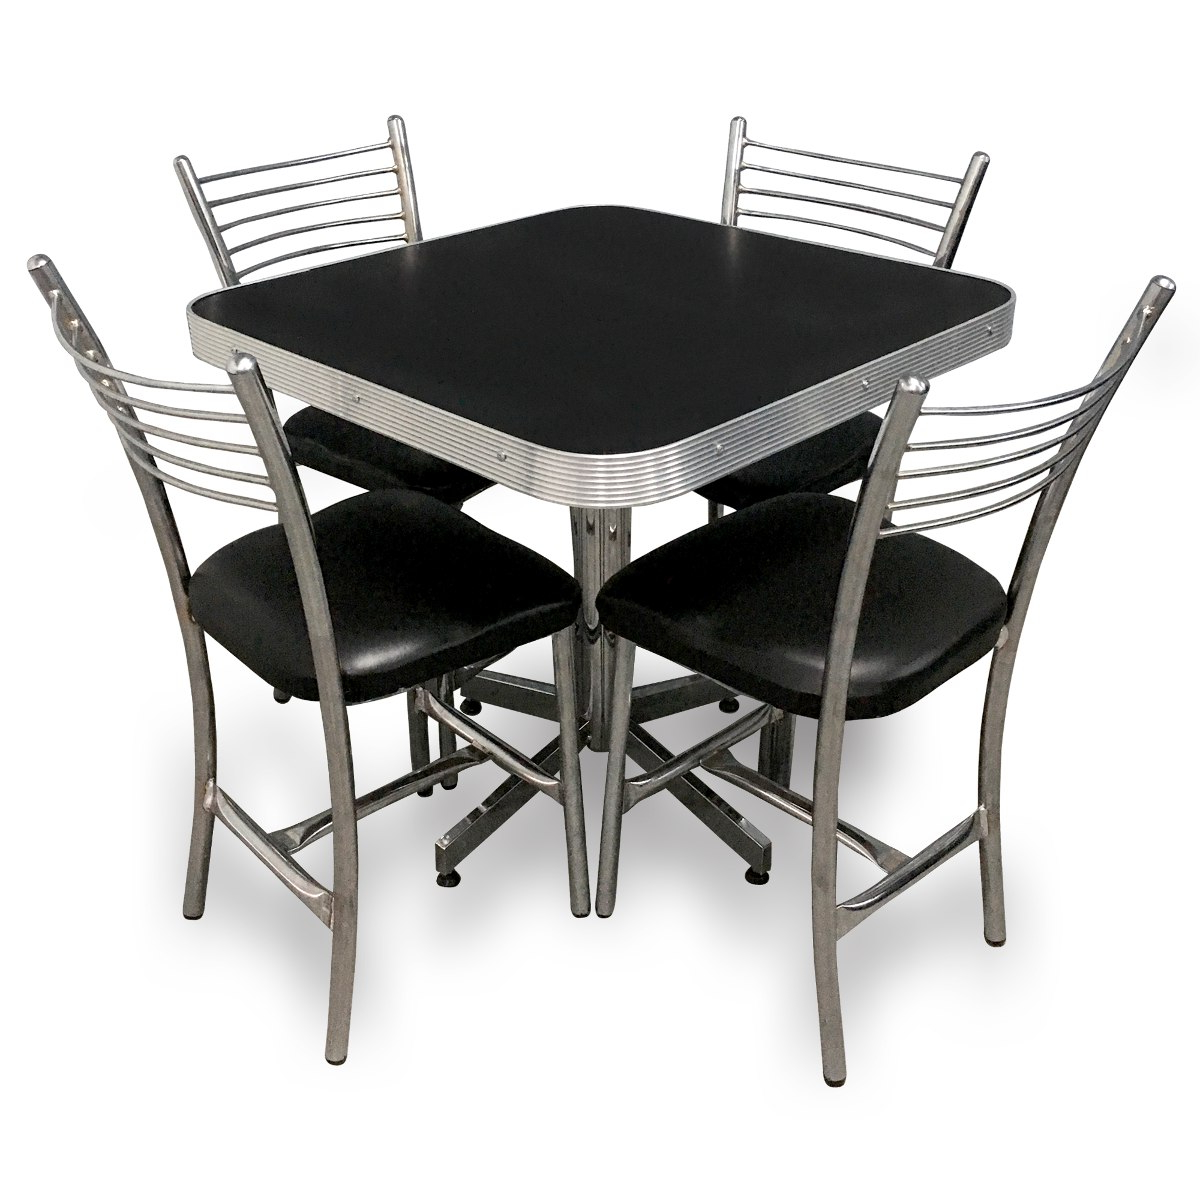 Mesas Y Sillas Hosteleria Segunda Mano 9ddf Mesas Para Cocina De Hosteleria Segunda Mano Y Sillas El Corte